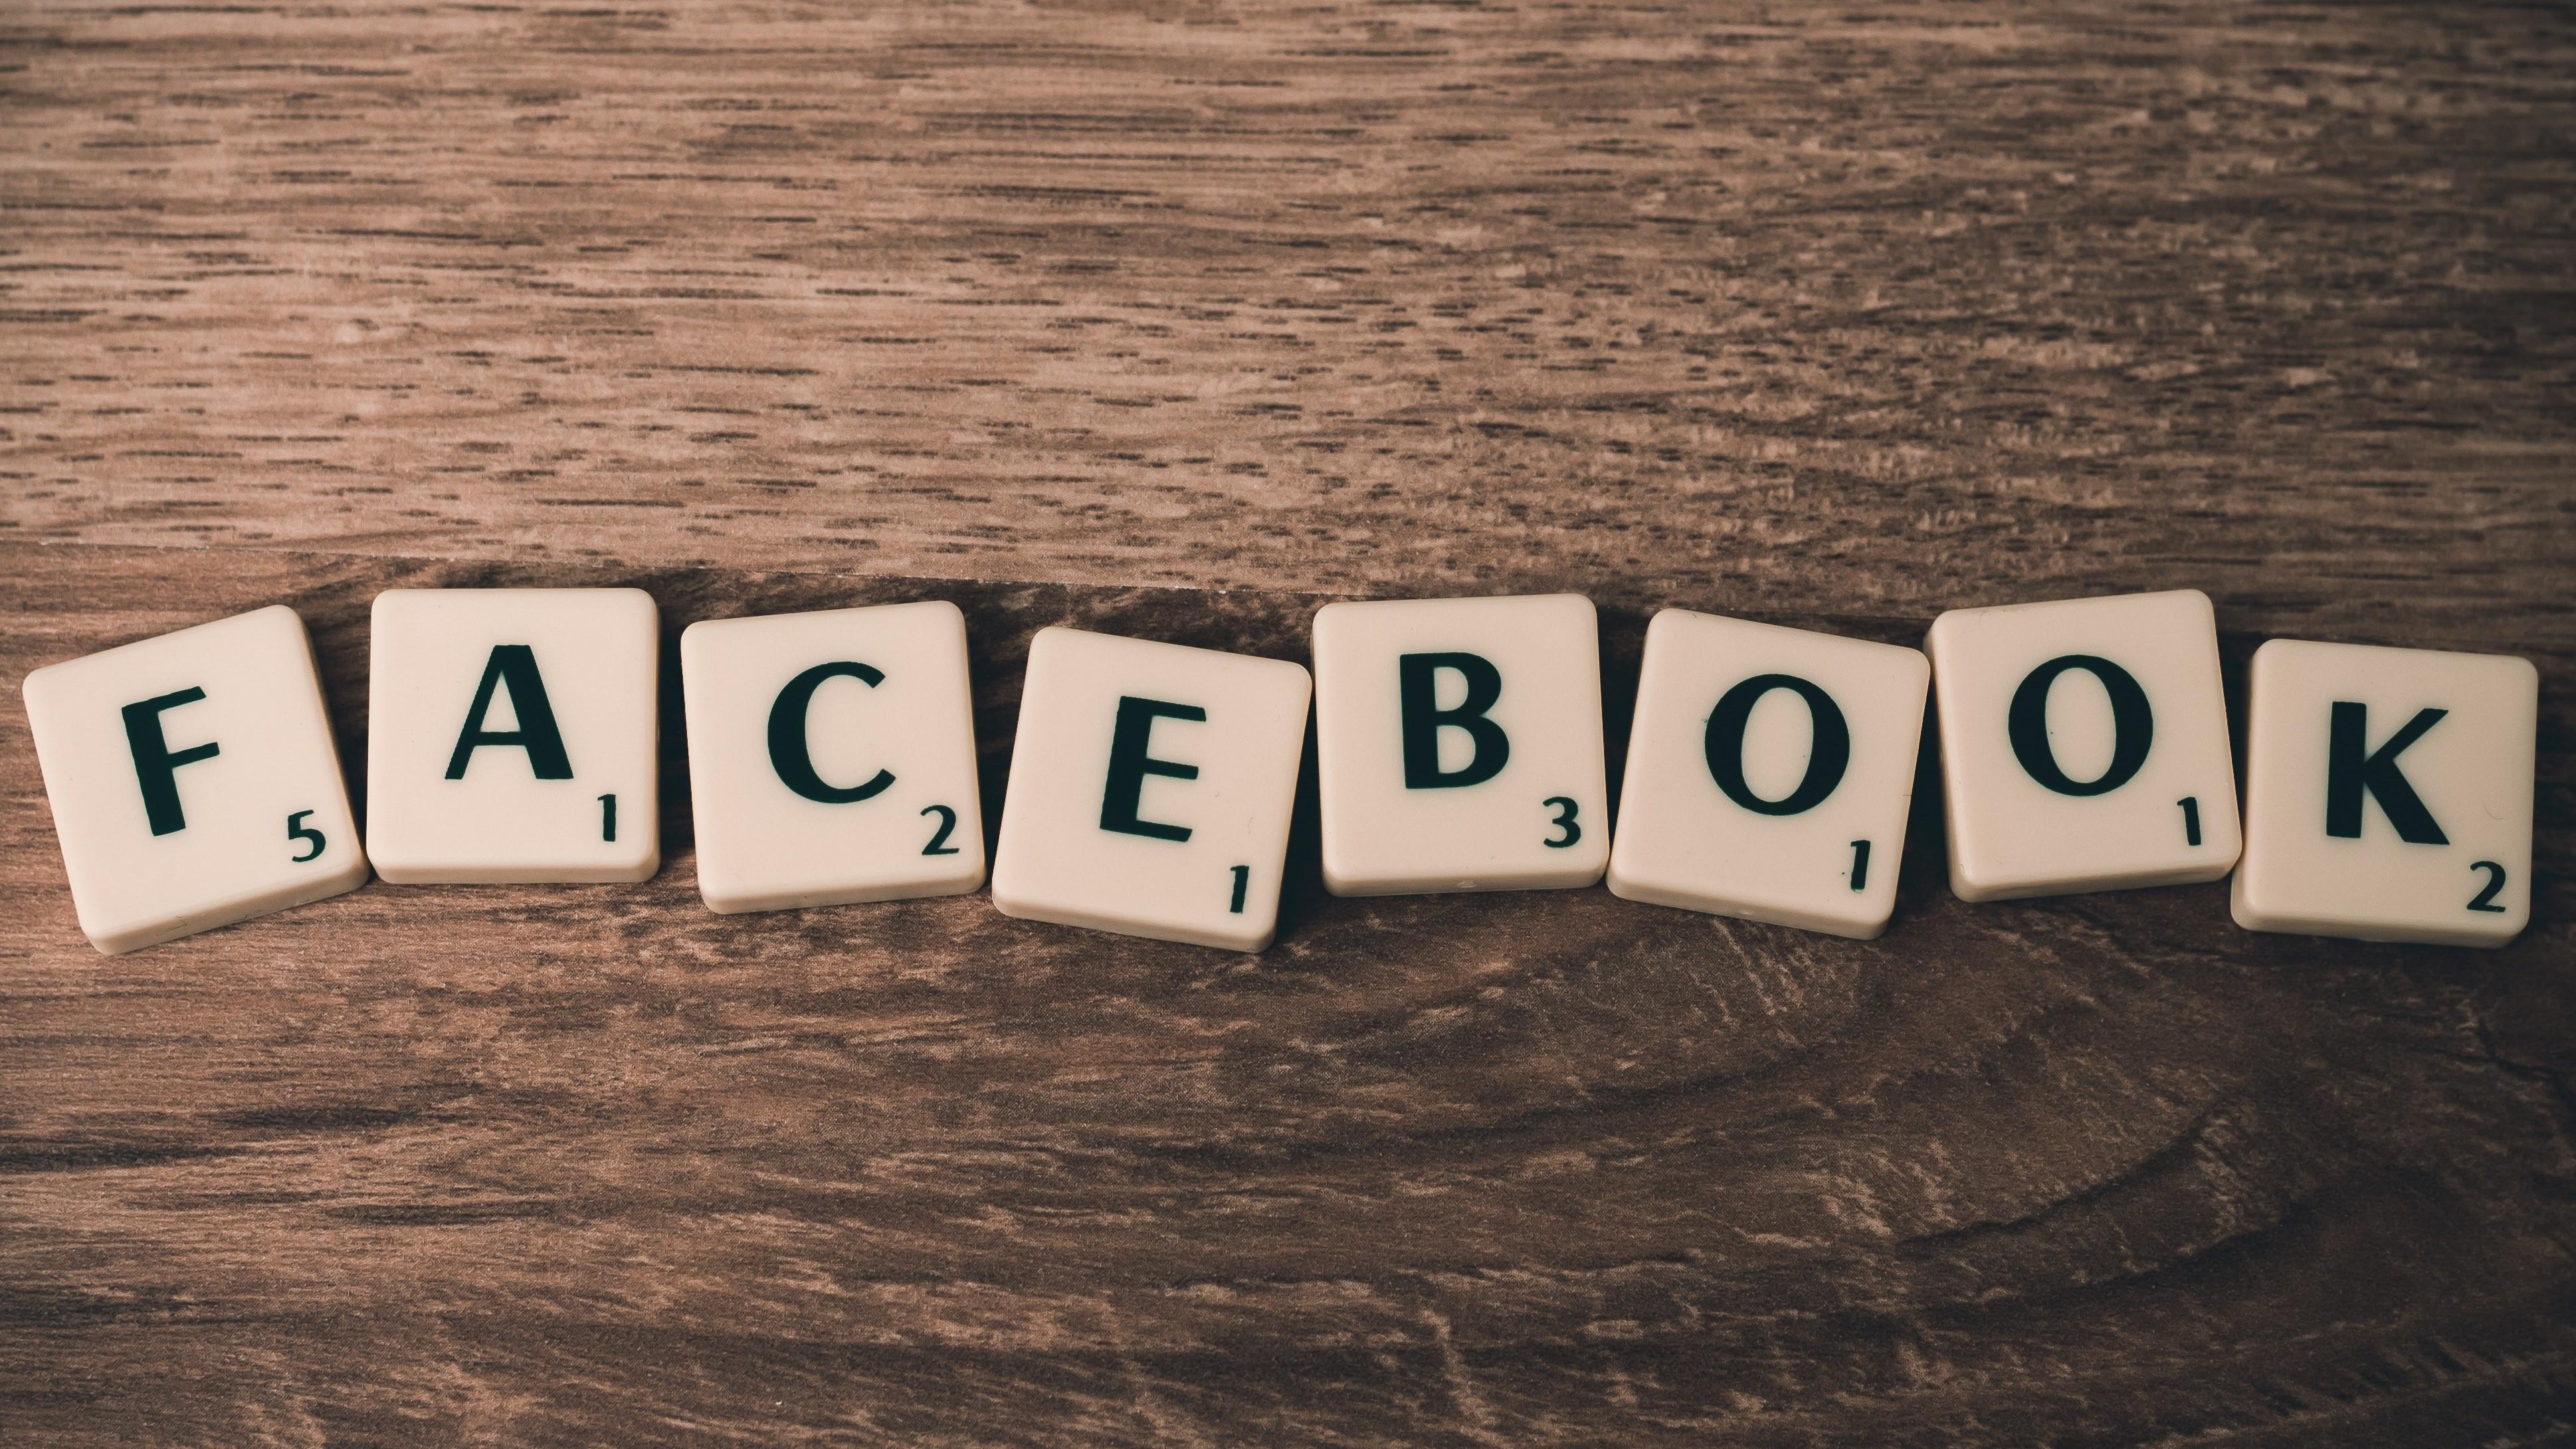 Čas objave na družabnih omrežjih je pomemben